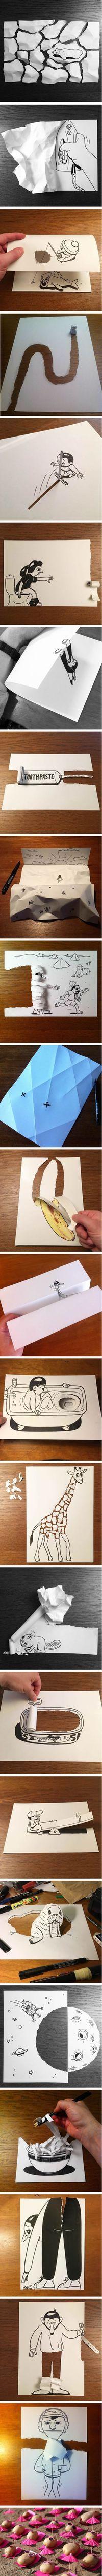 Copenhagen based Illustrator HuskMitNavn Uses Clever 3D Tricks To Bring His Cartoons To Life - 9GAG